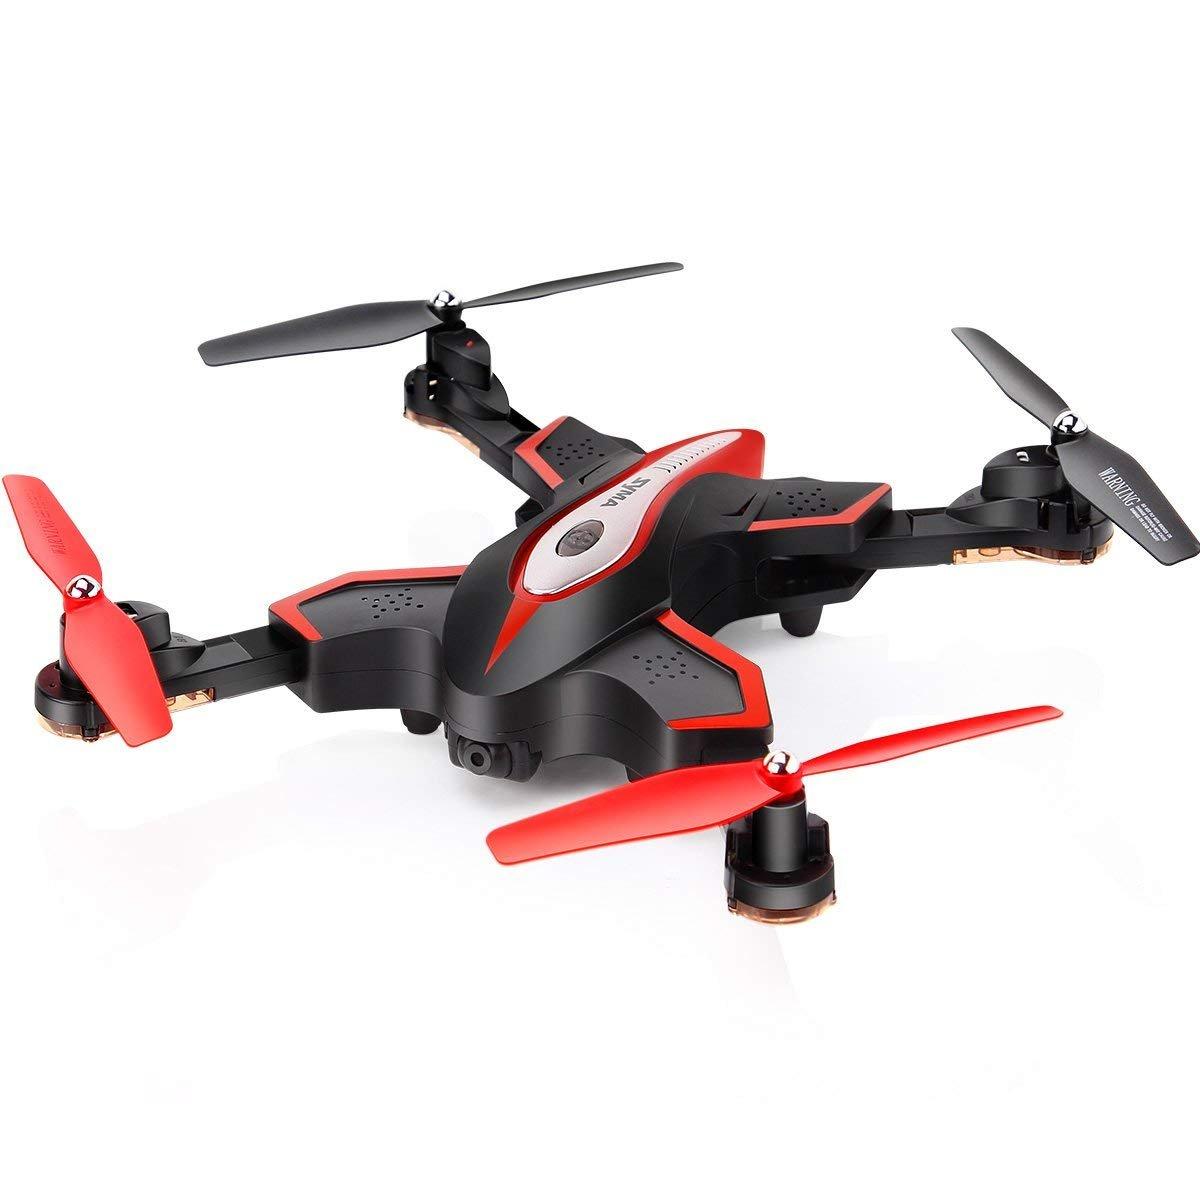 AIR BASE Portátil Plegable RC Helicóptero Drone 2.4Ghz 6-Gyro Altitude Hold Y Una Clave Despegue Avión De Aterrizaje Mini Quadcopter Sin Cámara Negro